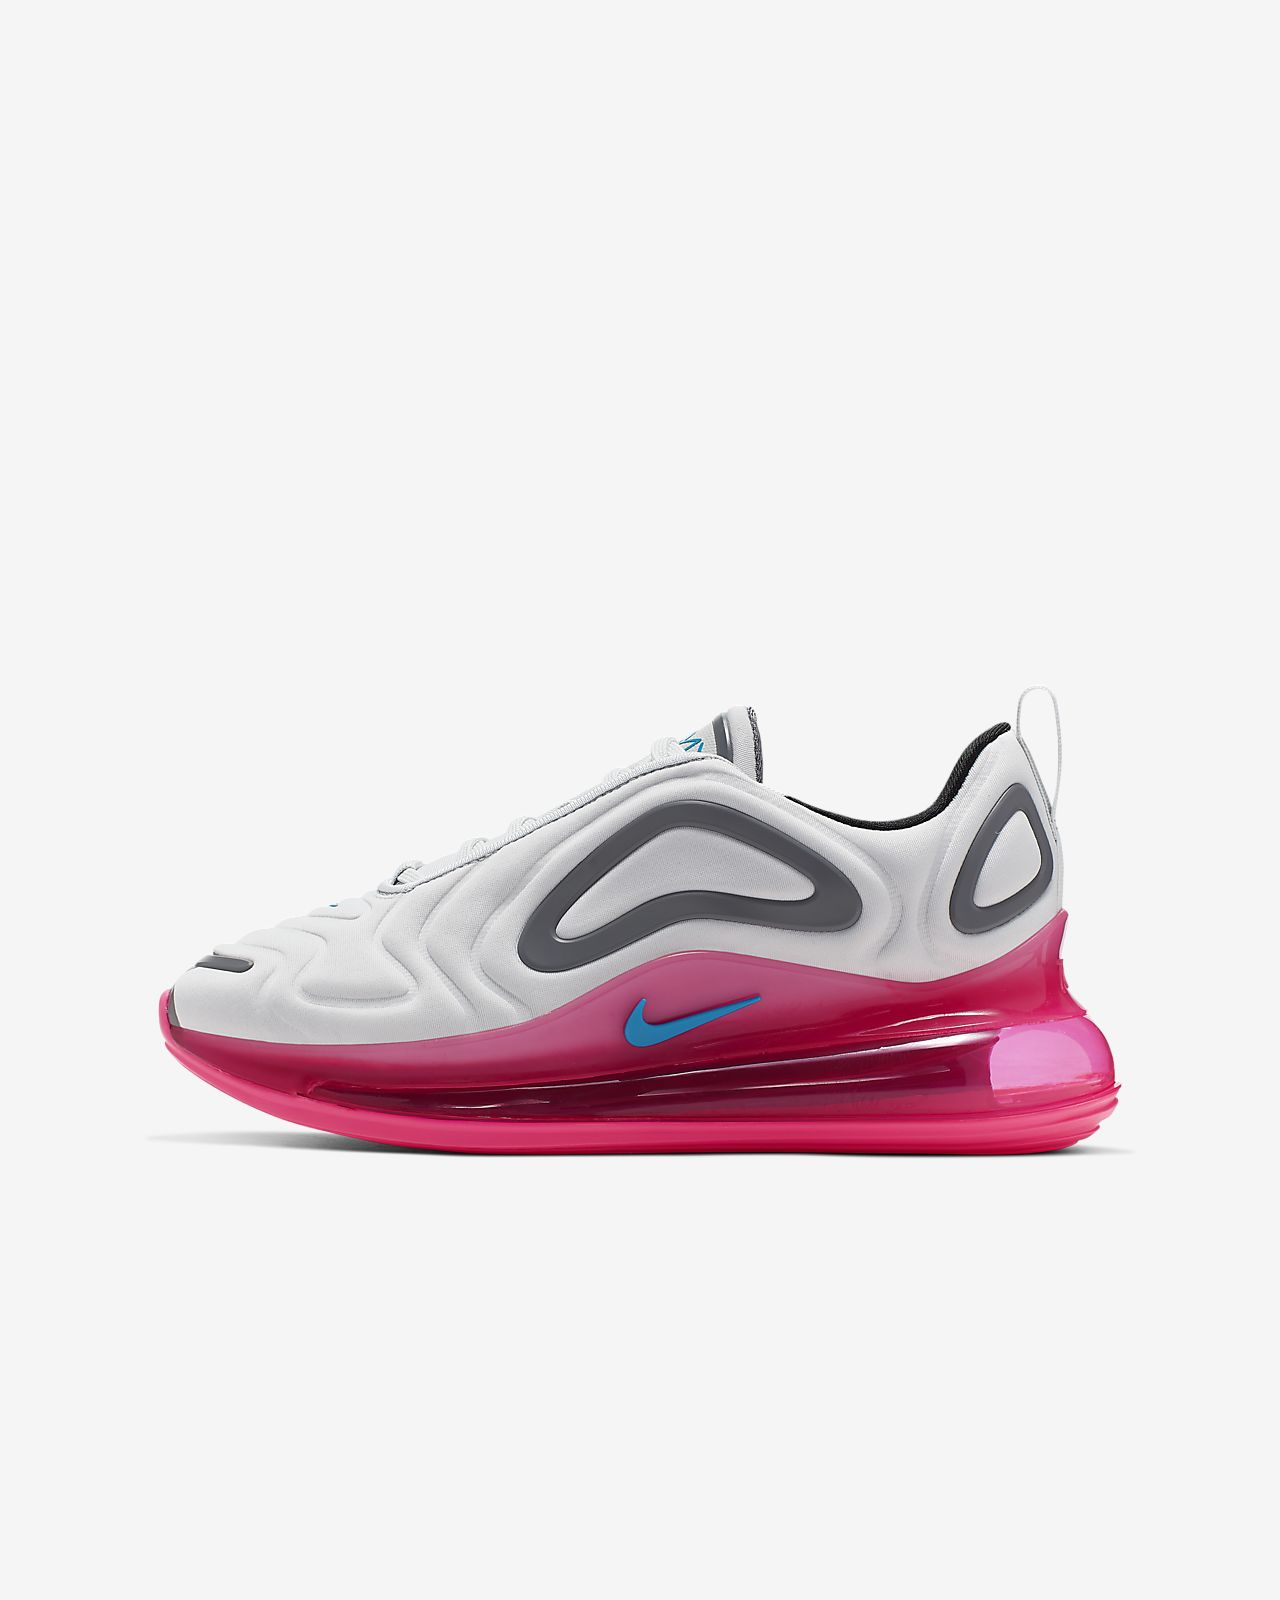 scarpe ginnastica bambino 34 nike